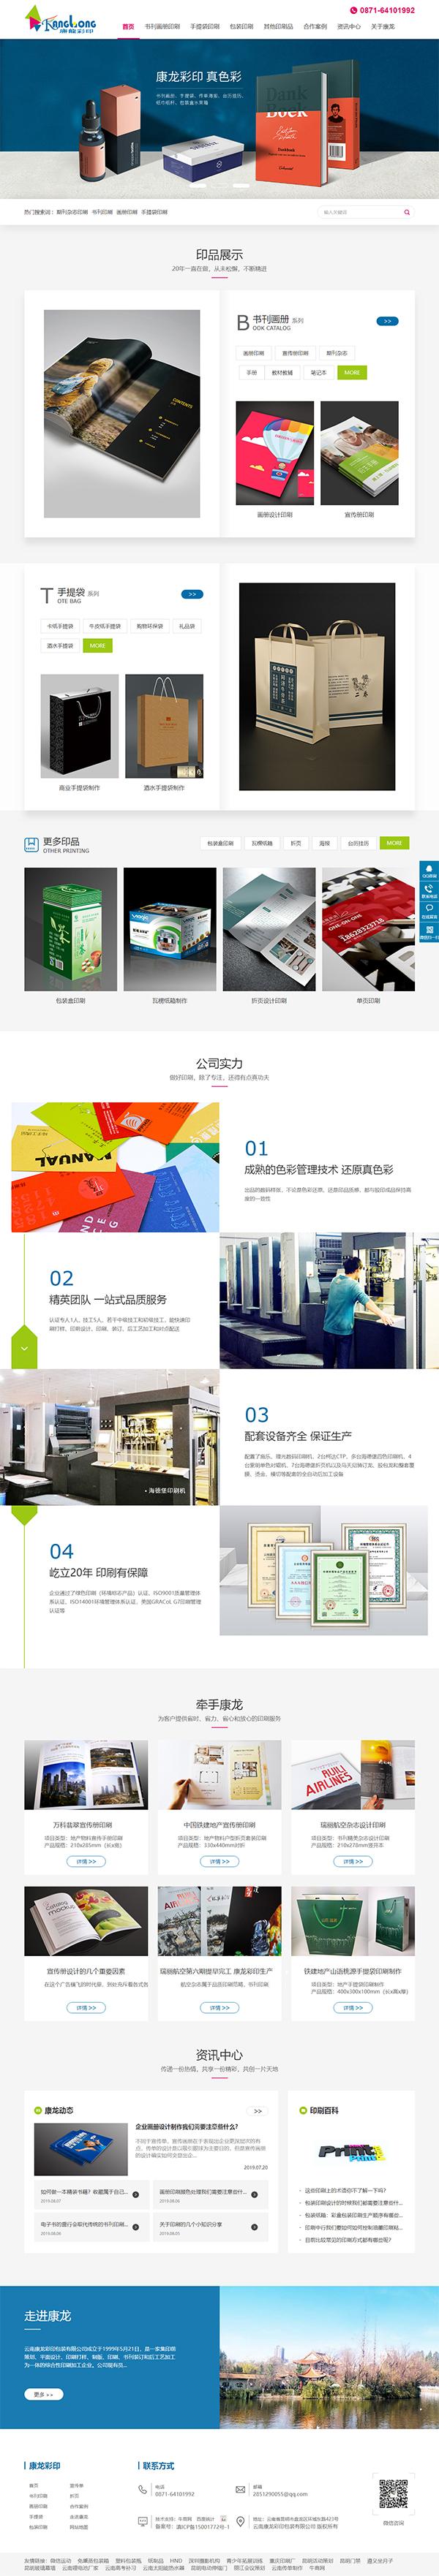 彩印包装行业龙8国际龙88型龙8国际官网首页案例